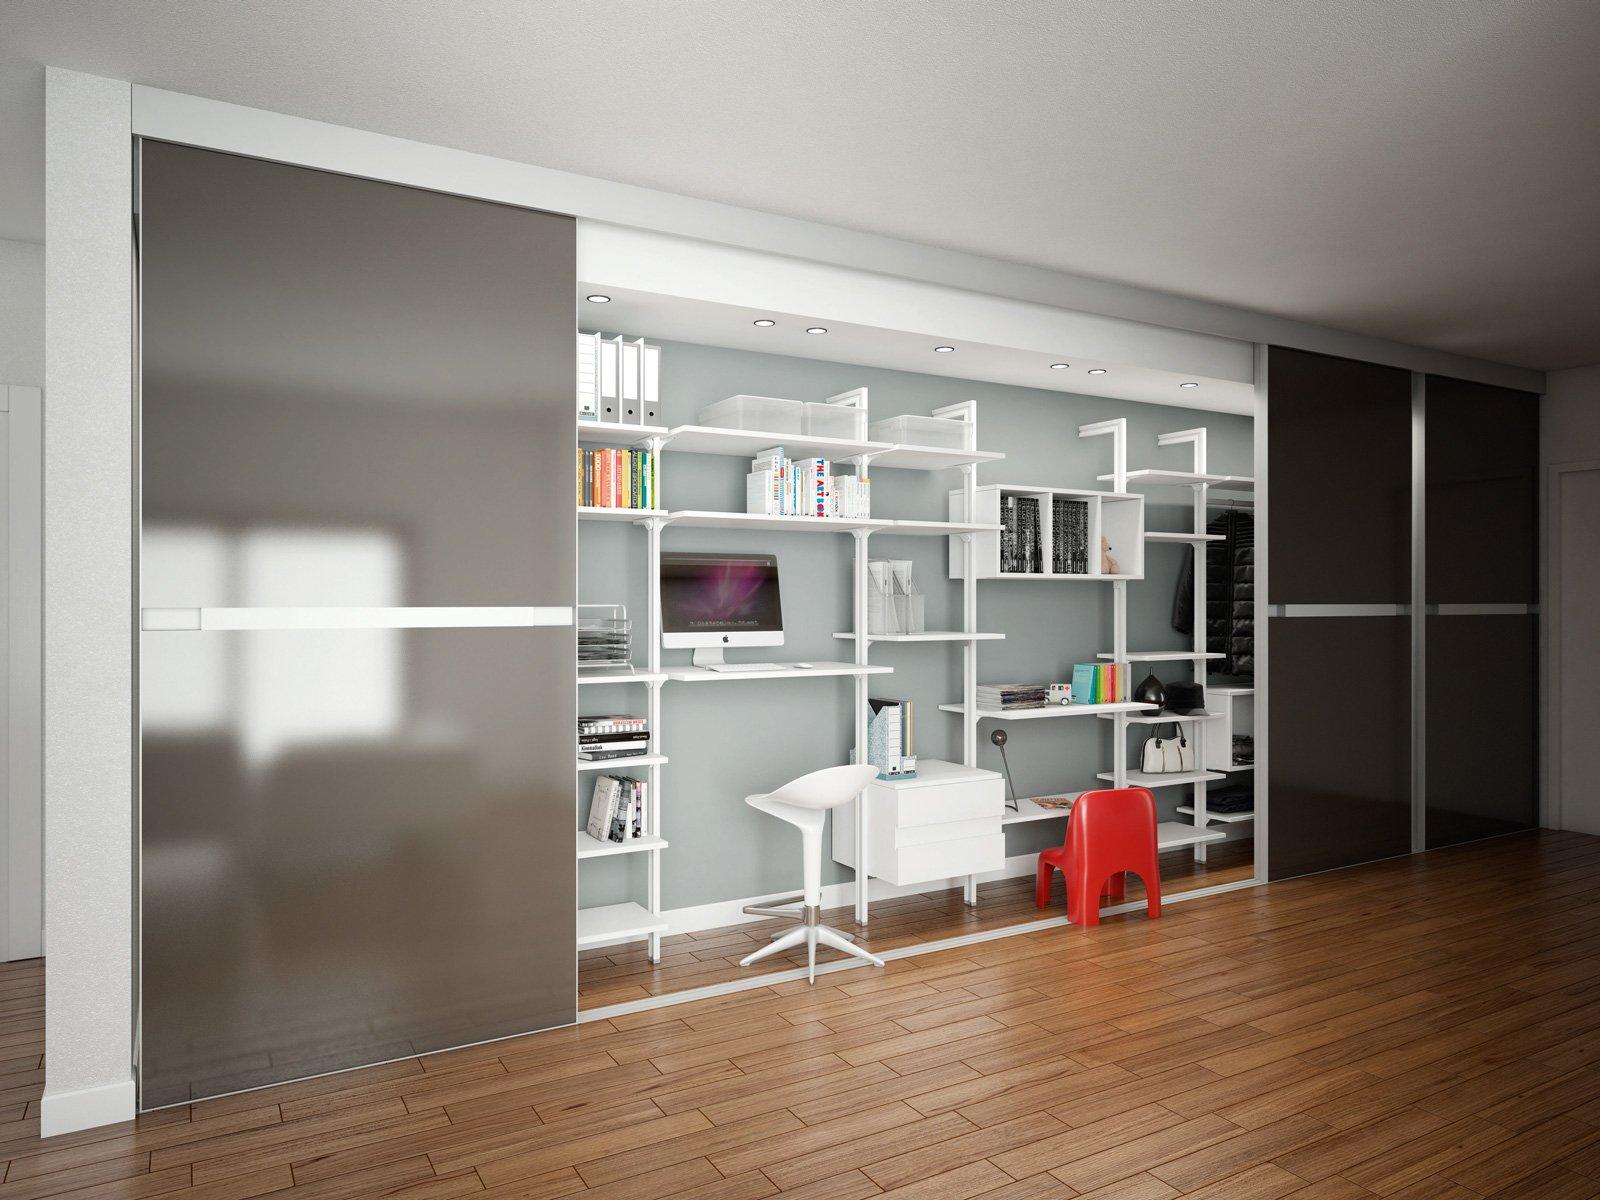 Librerie pareti attrezzate multifunzione cose di casa for Librerie in legno componibili